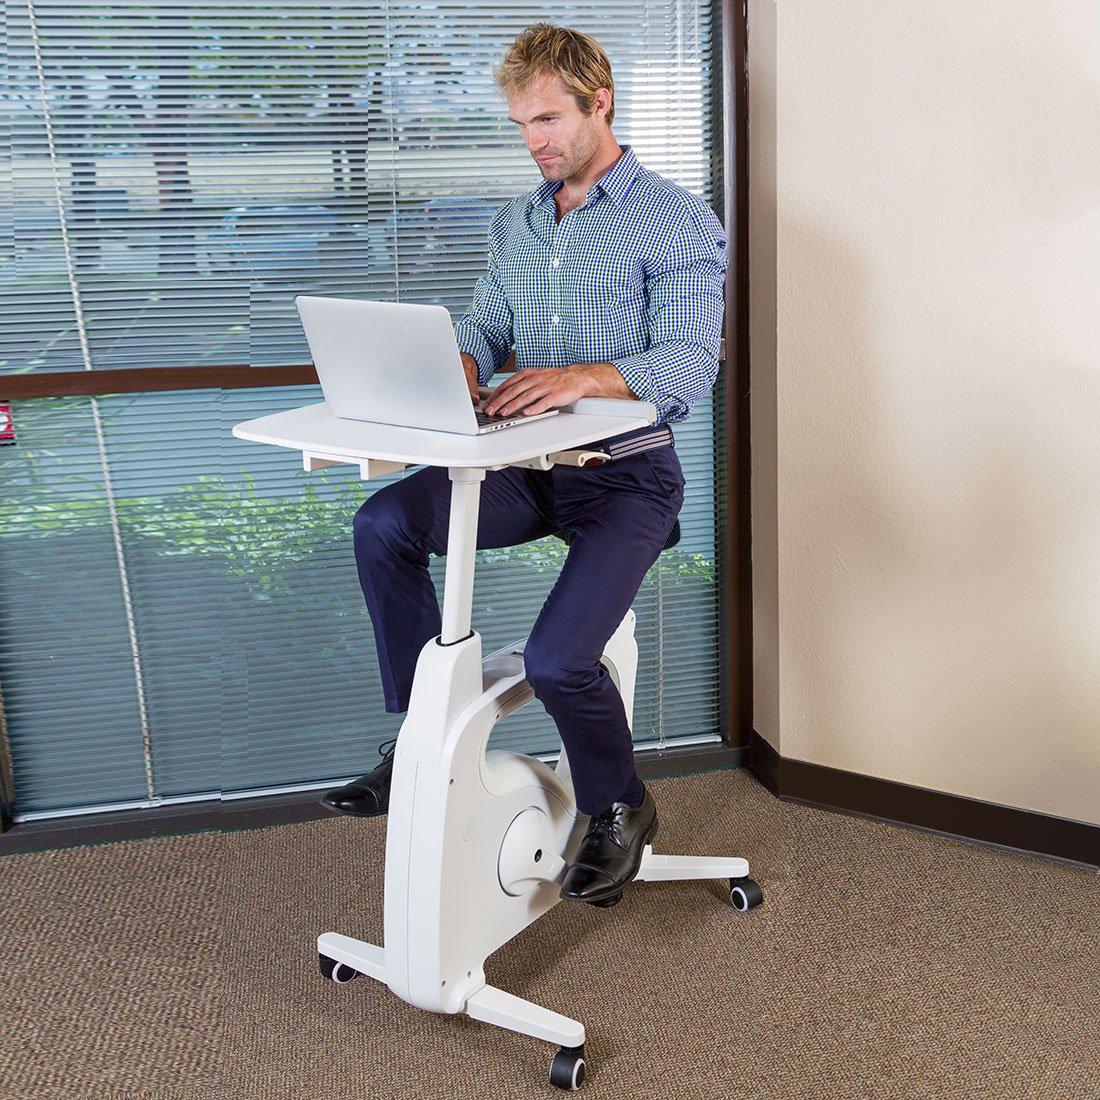 FLEXISPOT Folding Exercise Adjustable Stationary